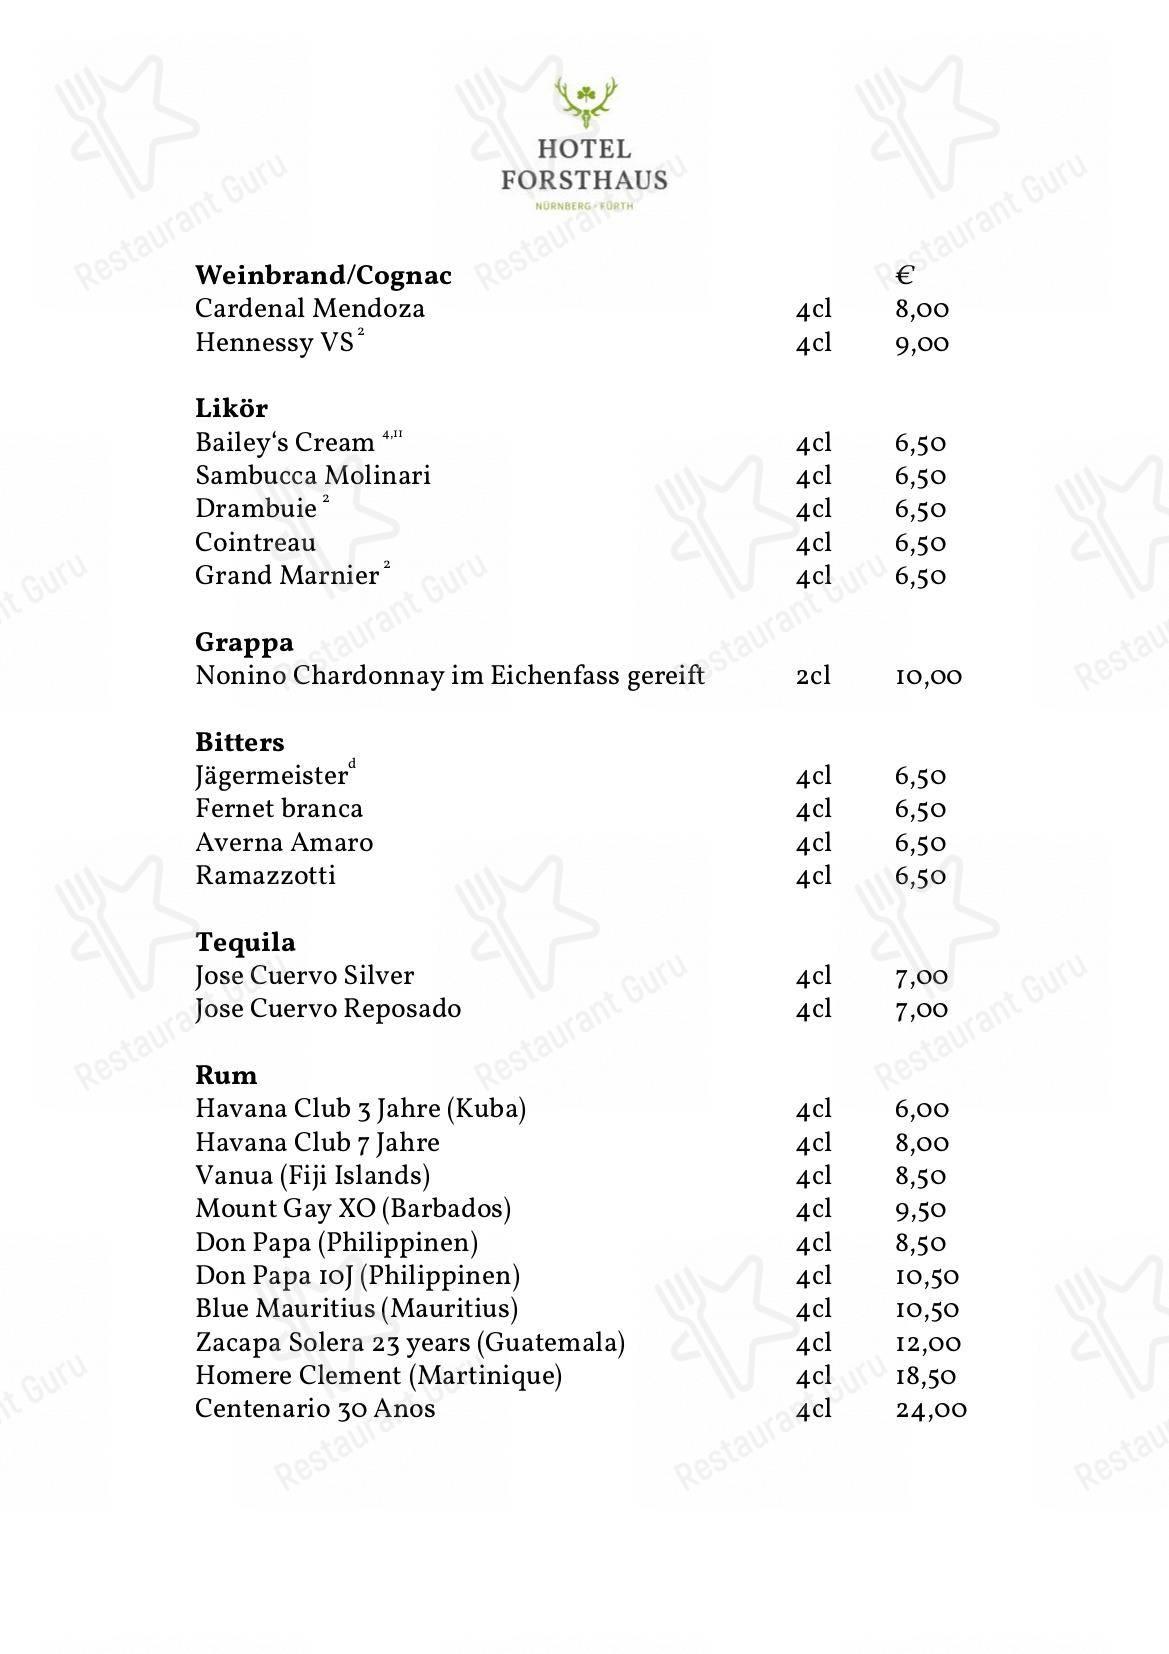 Меню NH Forsthaus Furth - блюда и напитки